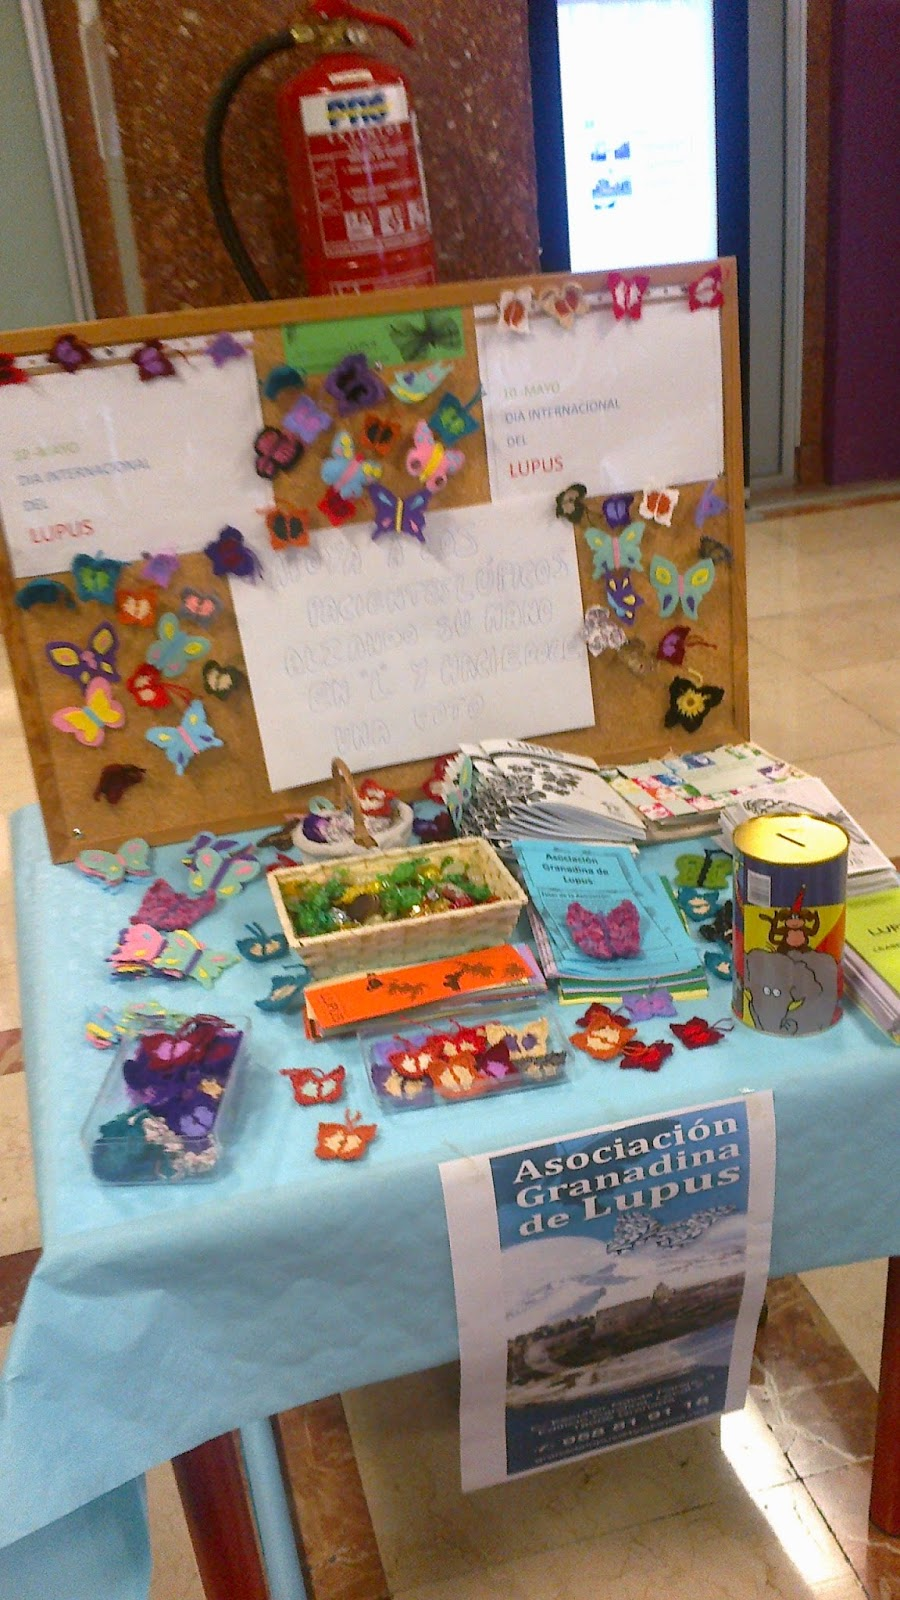 Mesas informativas día internacional del lupus Granada